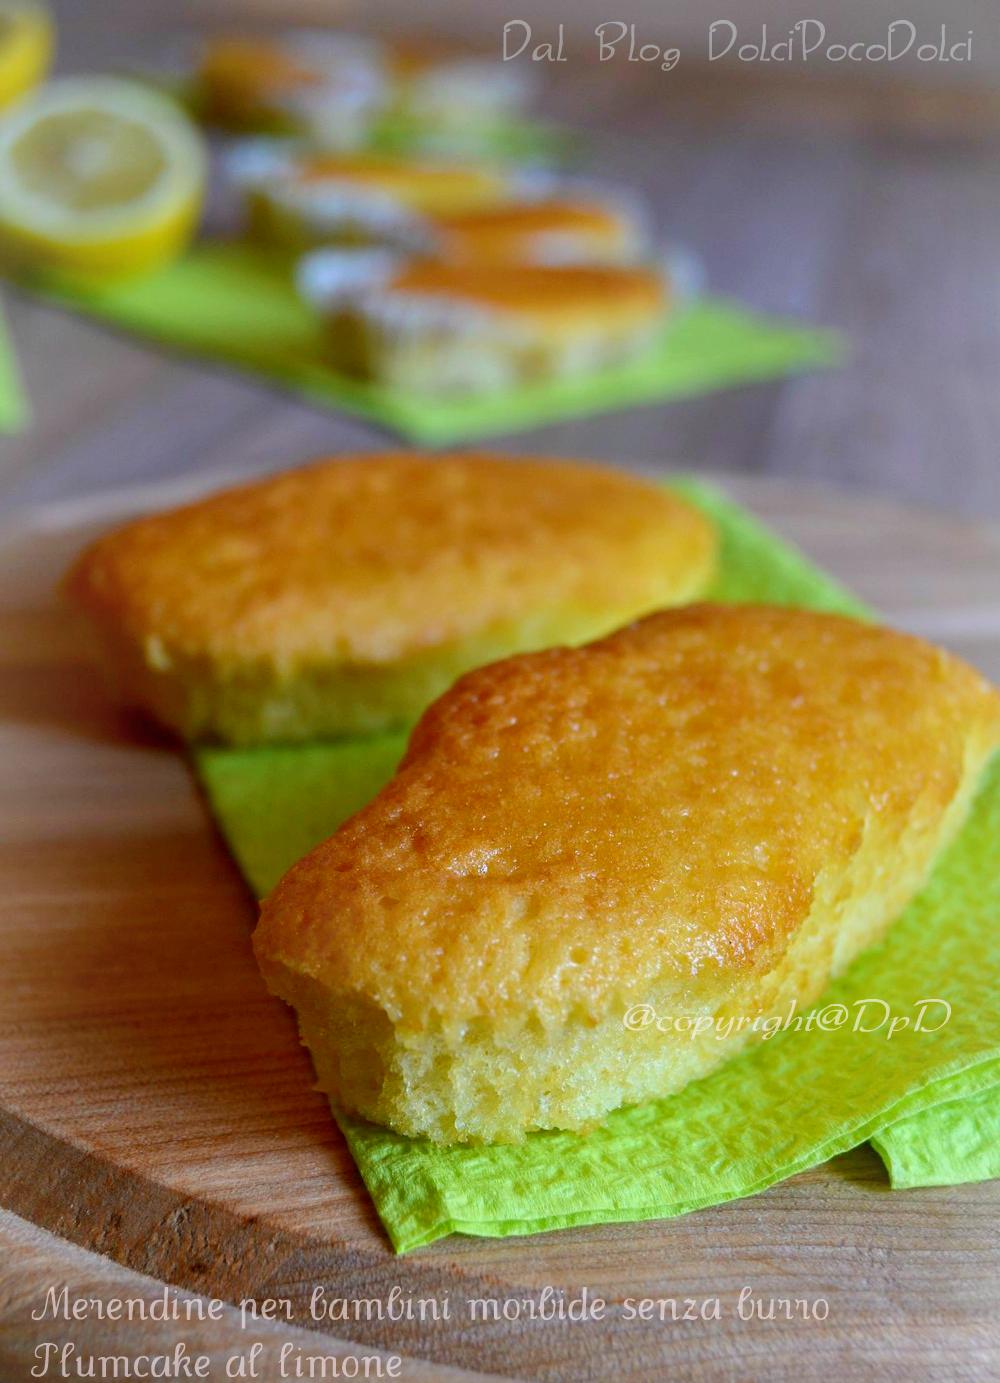 Merendine per bambini morbide senza burro, plumcake al limone 1